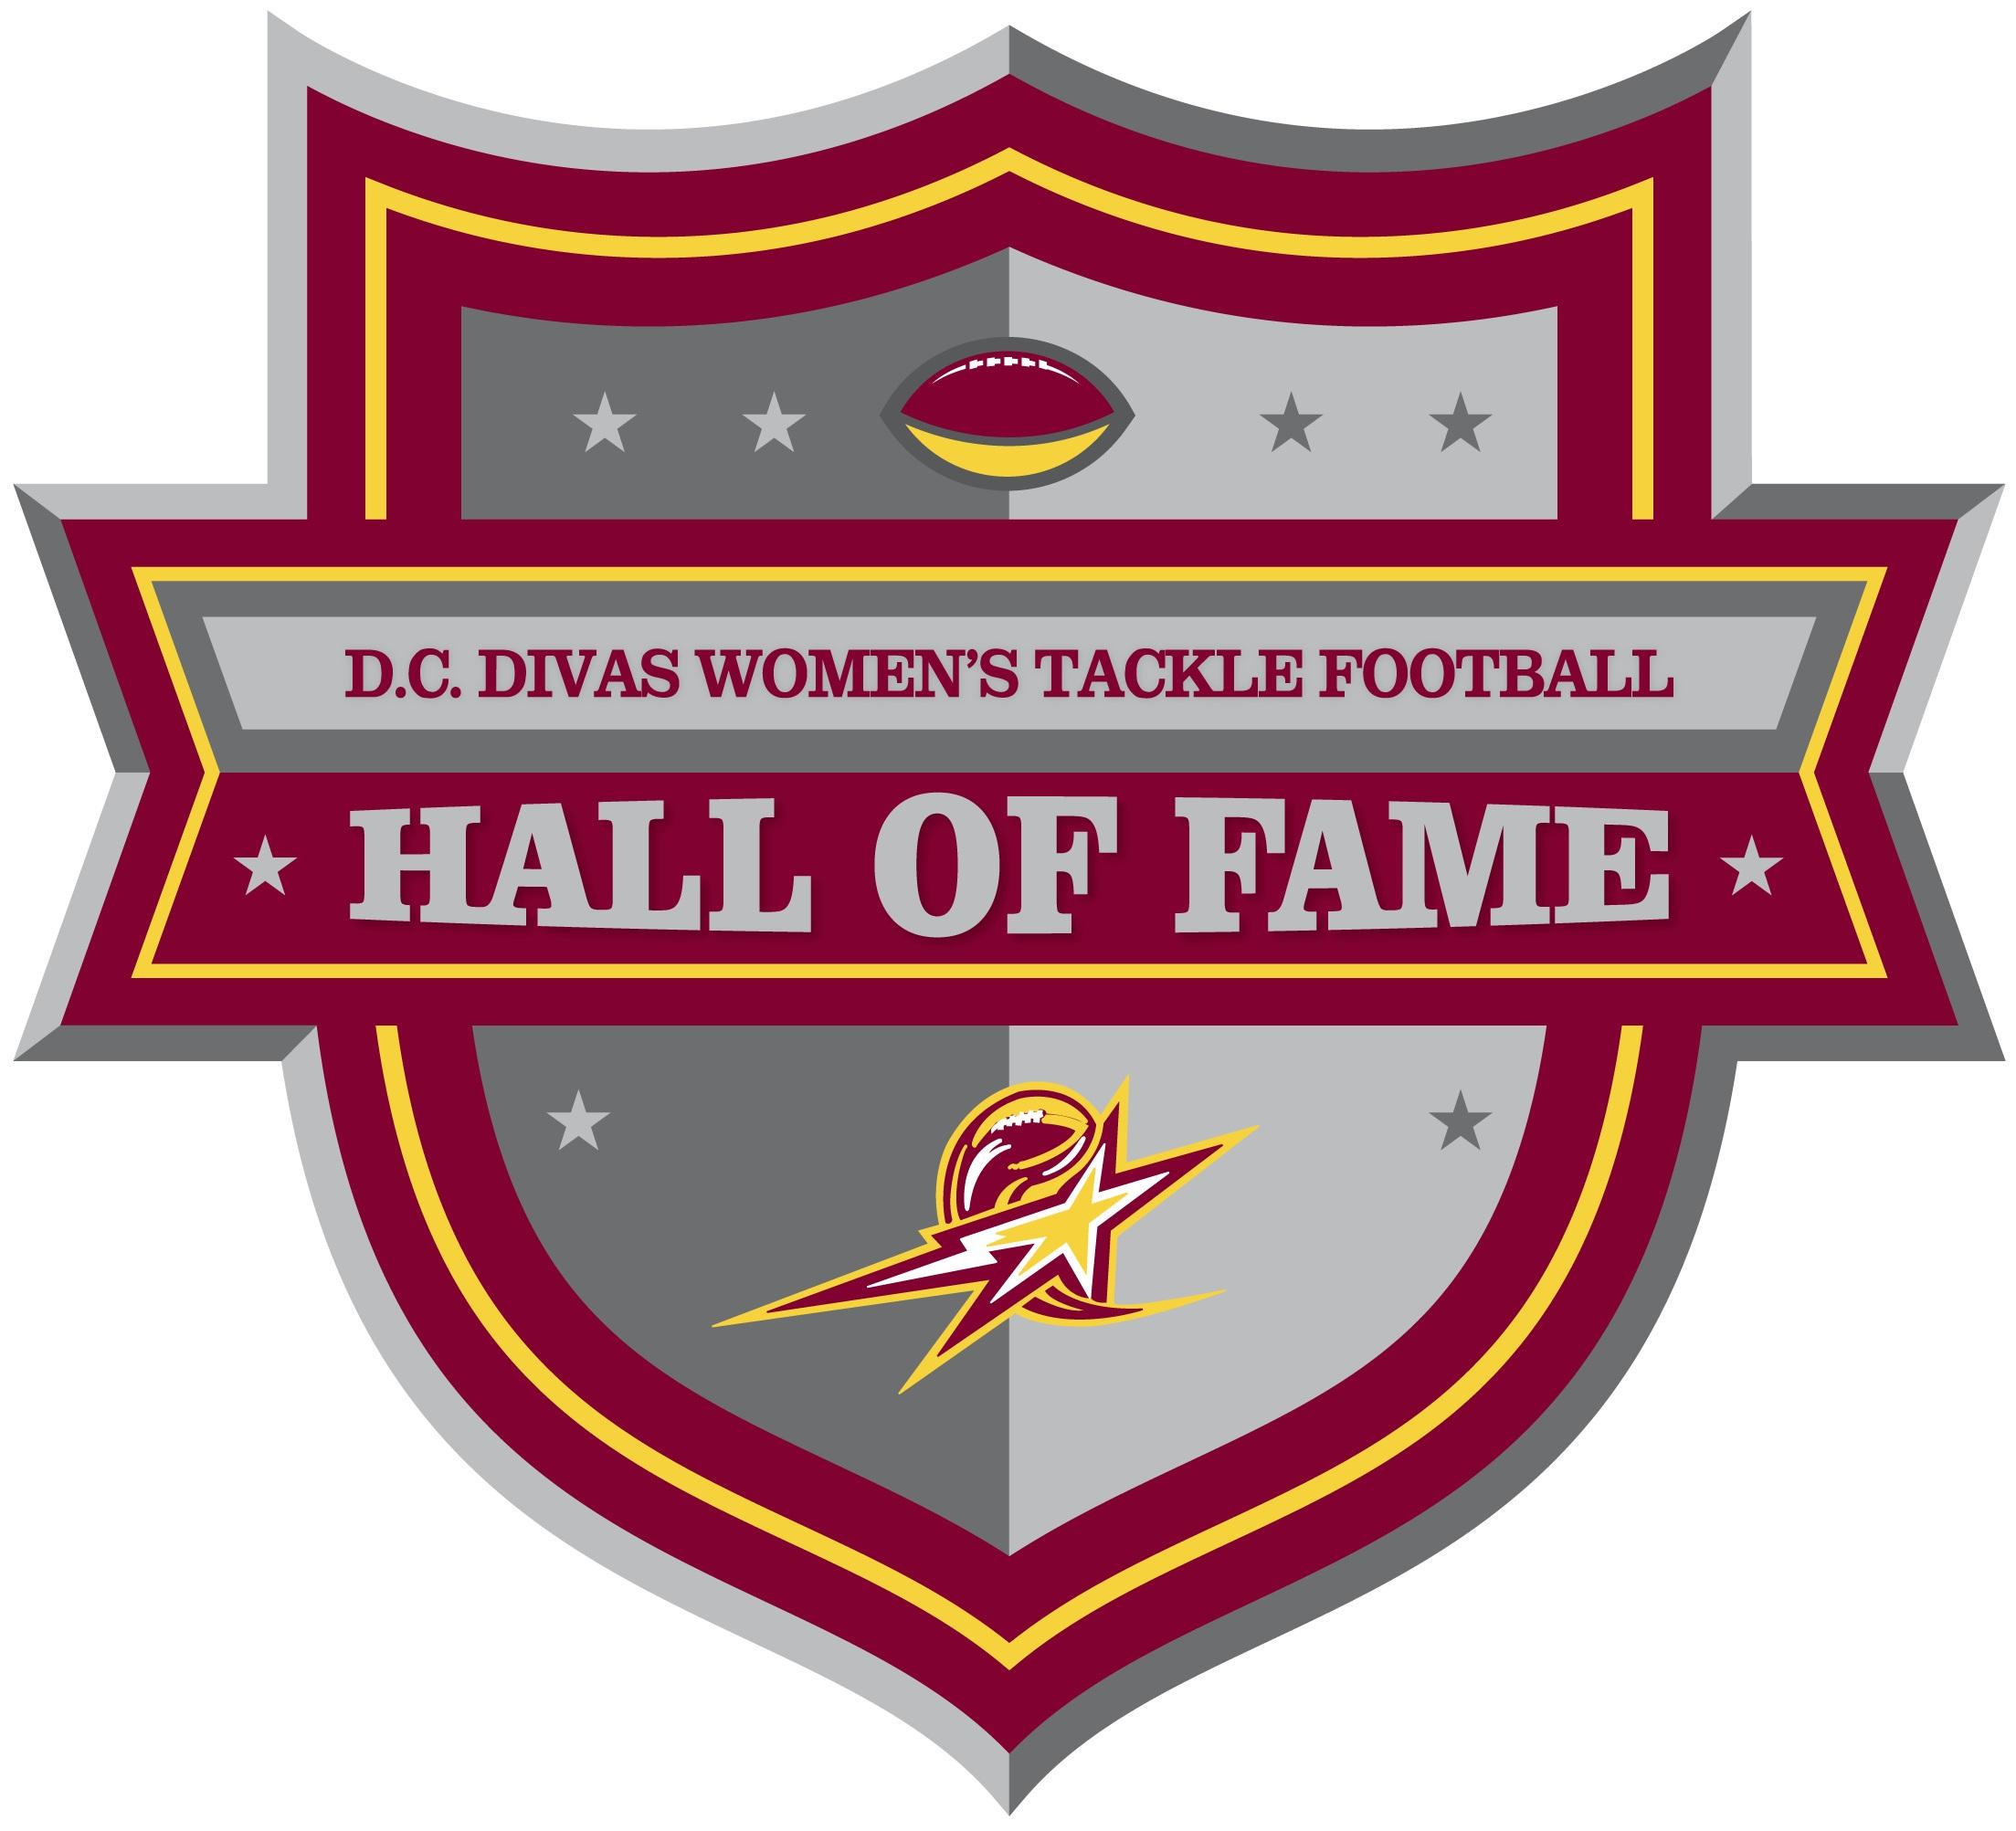 D.C. Divas Hall of Fame